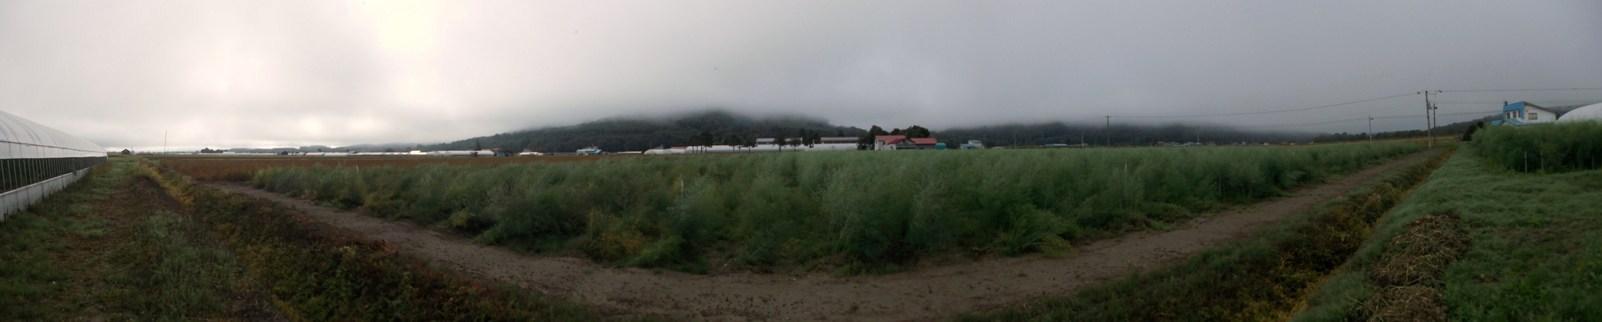 20140912_朝の上名寄_180°パノラマ